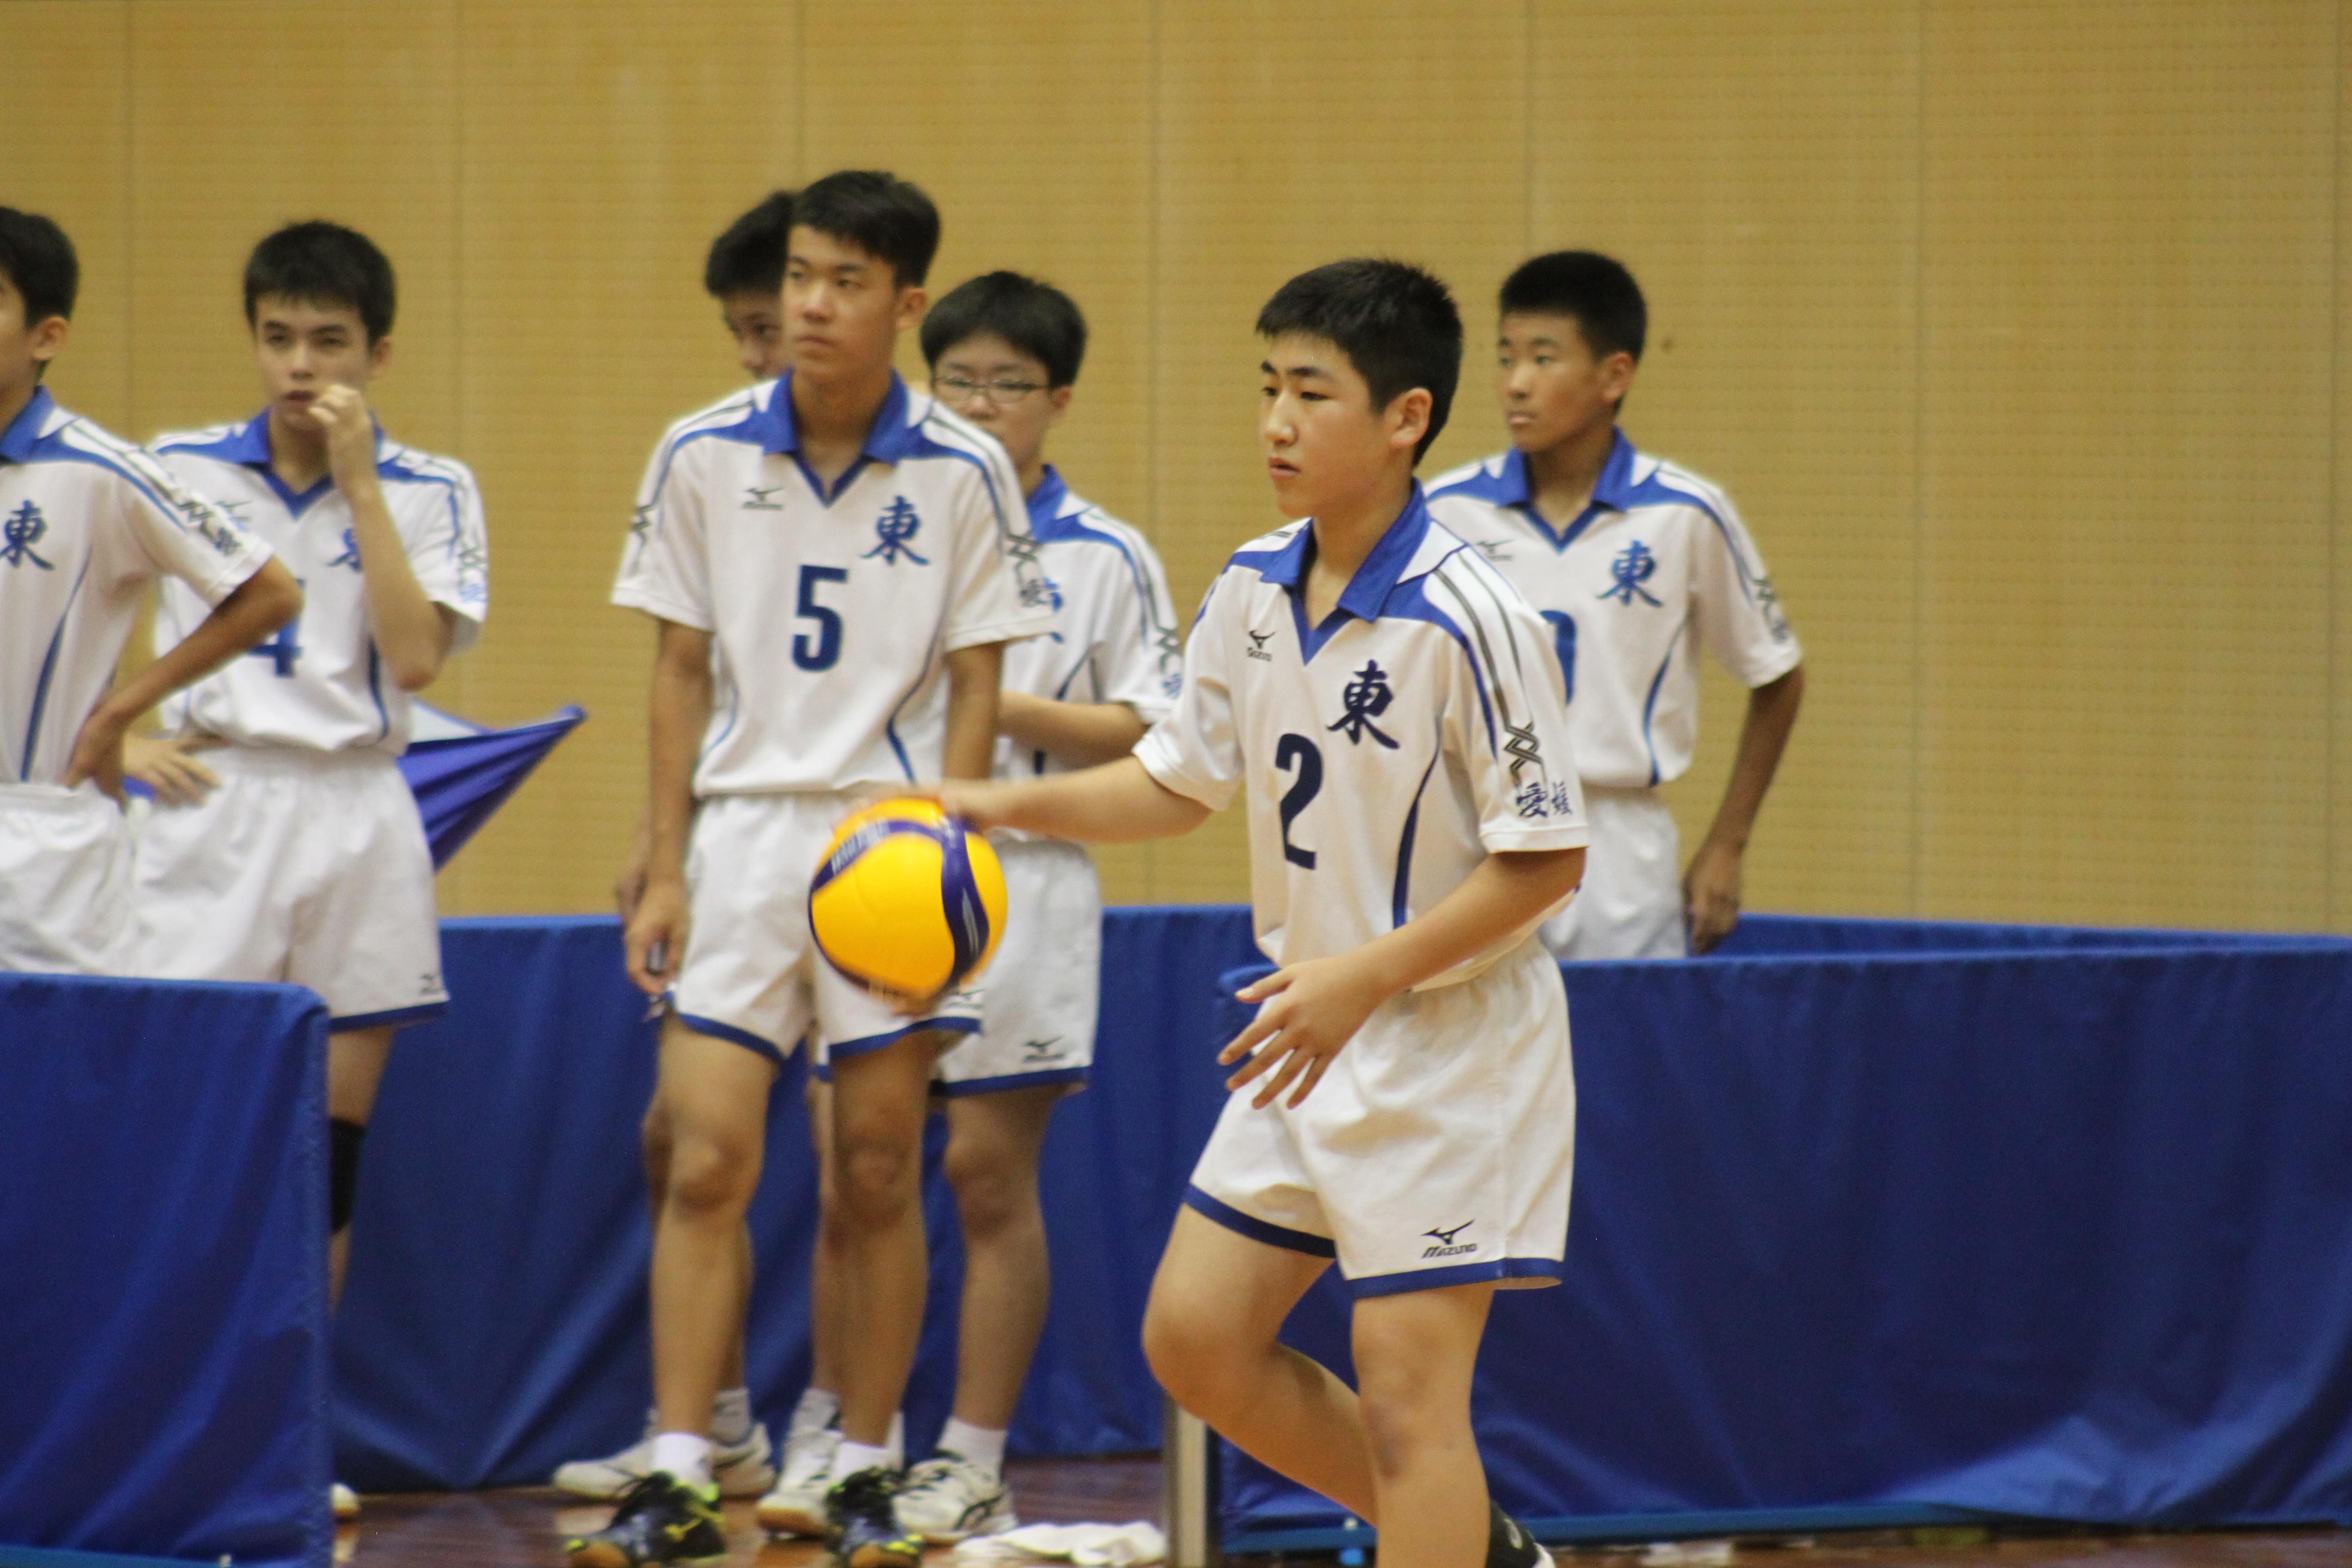 バレーボール (4)